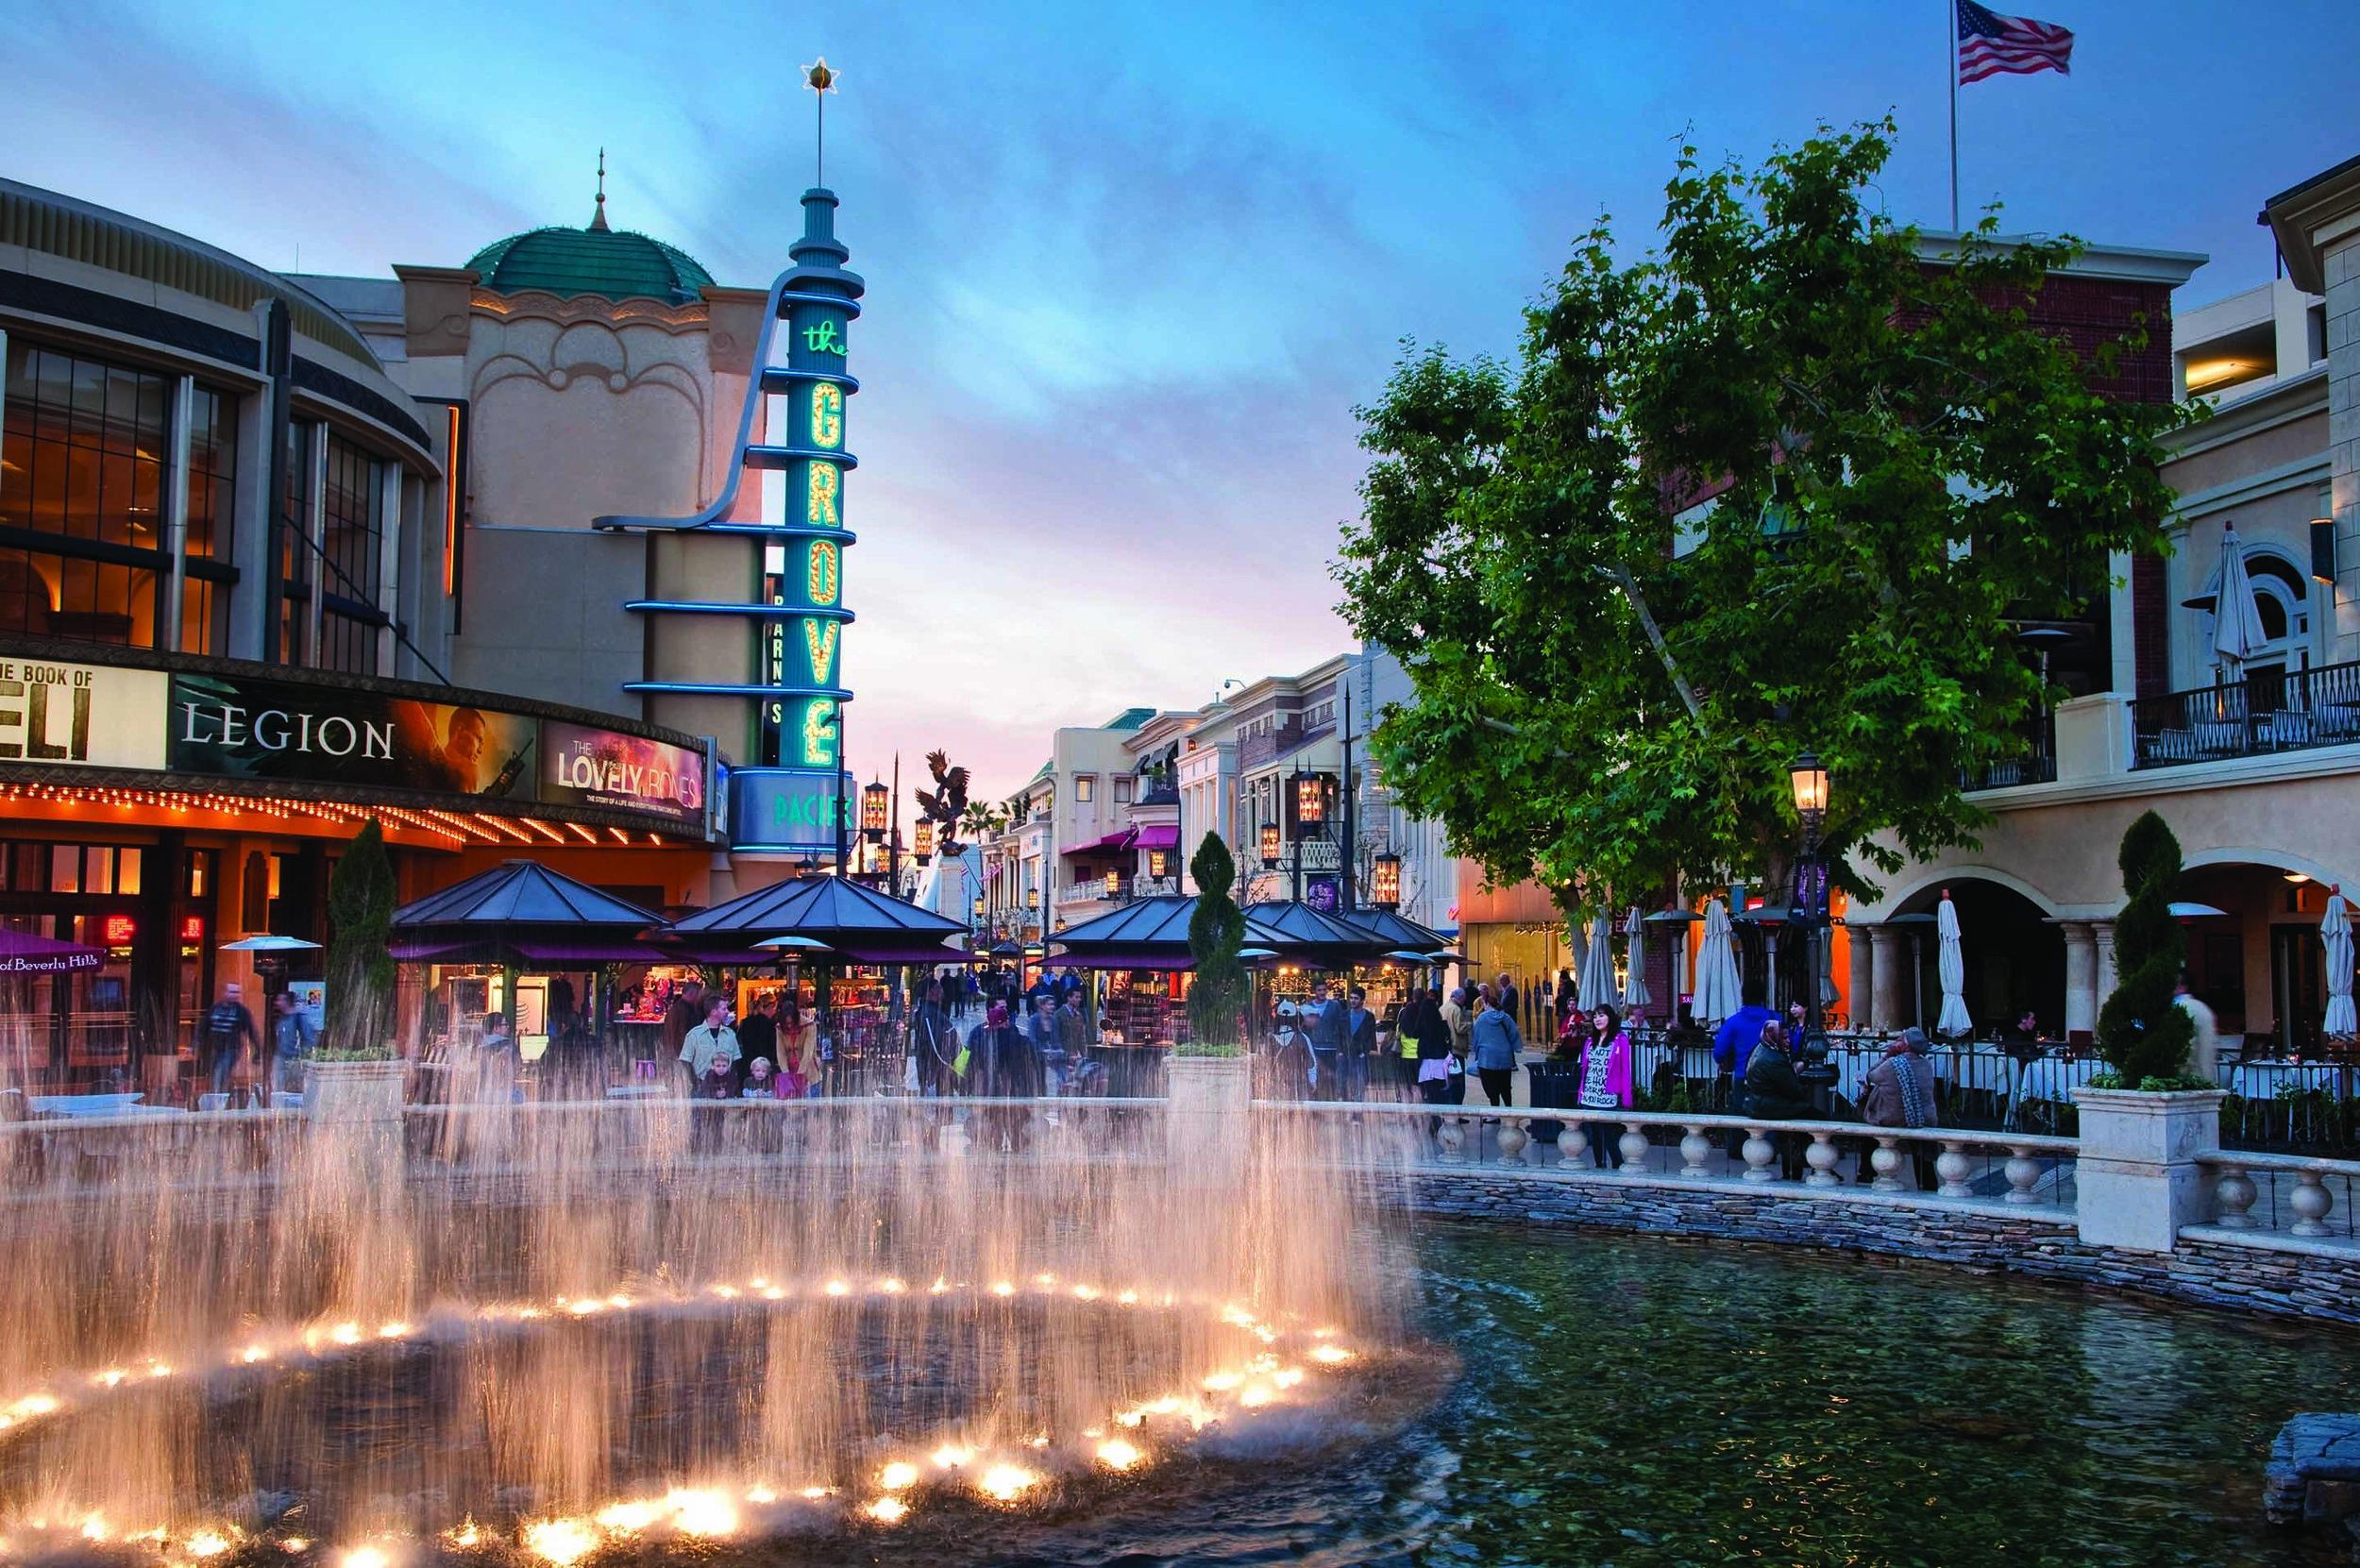 (Is everywhere in LA Disneyland?)